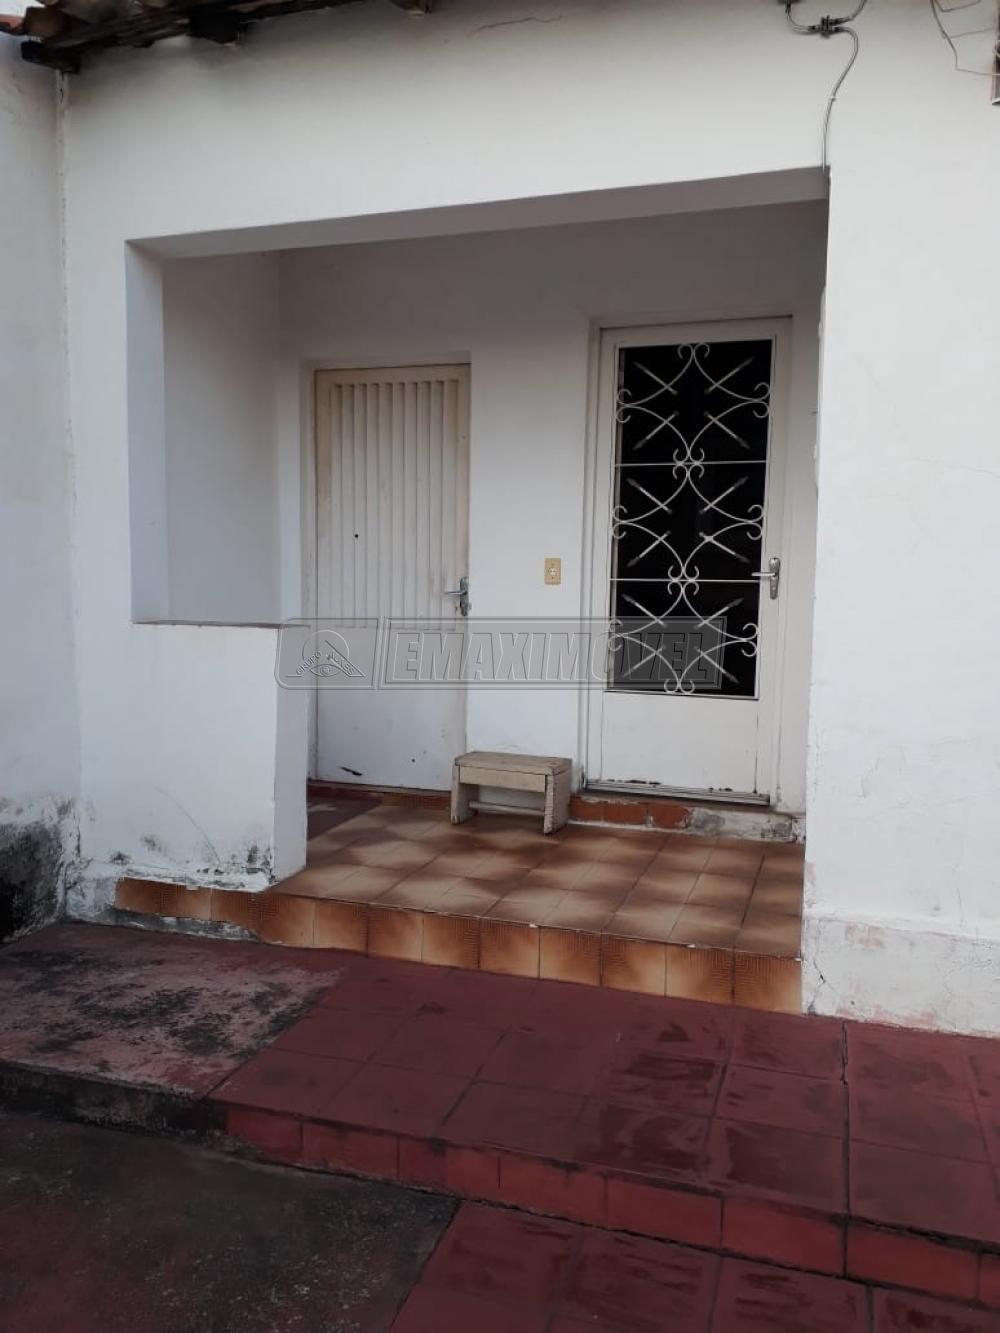 Comprar Casas / em Bairros em Sorocaba apenas R$ 169.000,00 - Foto 2